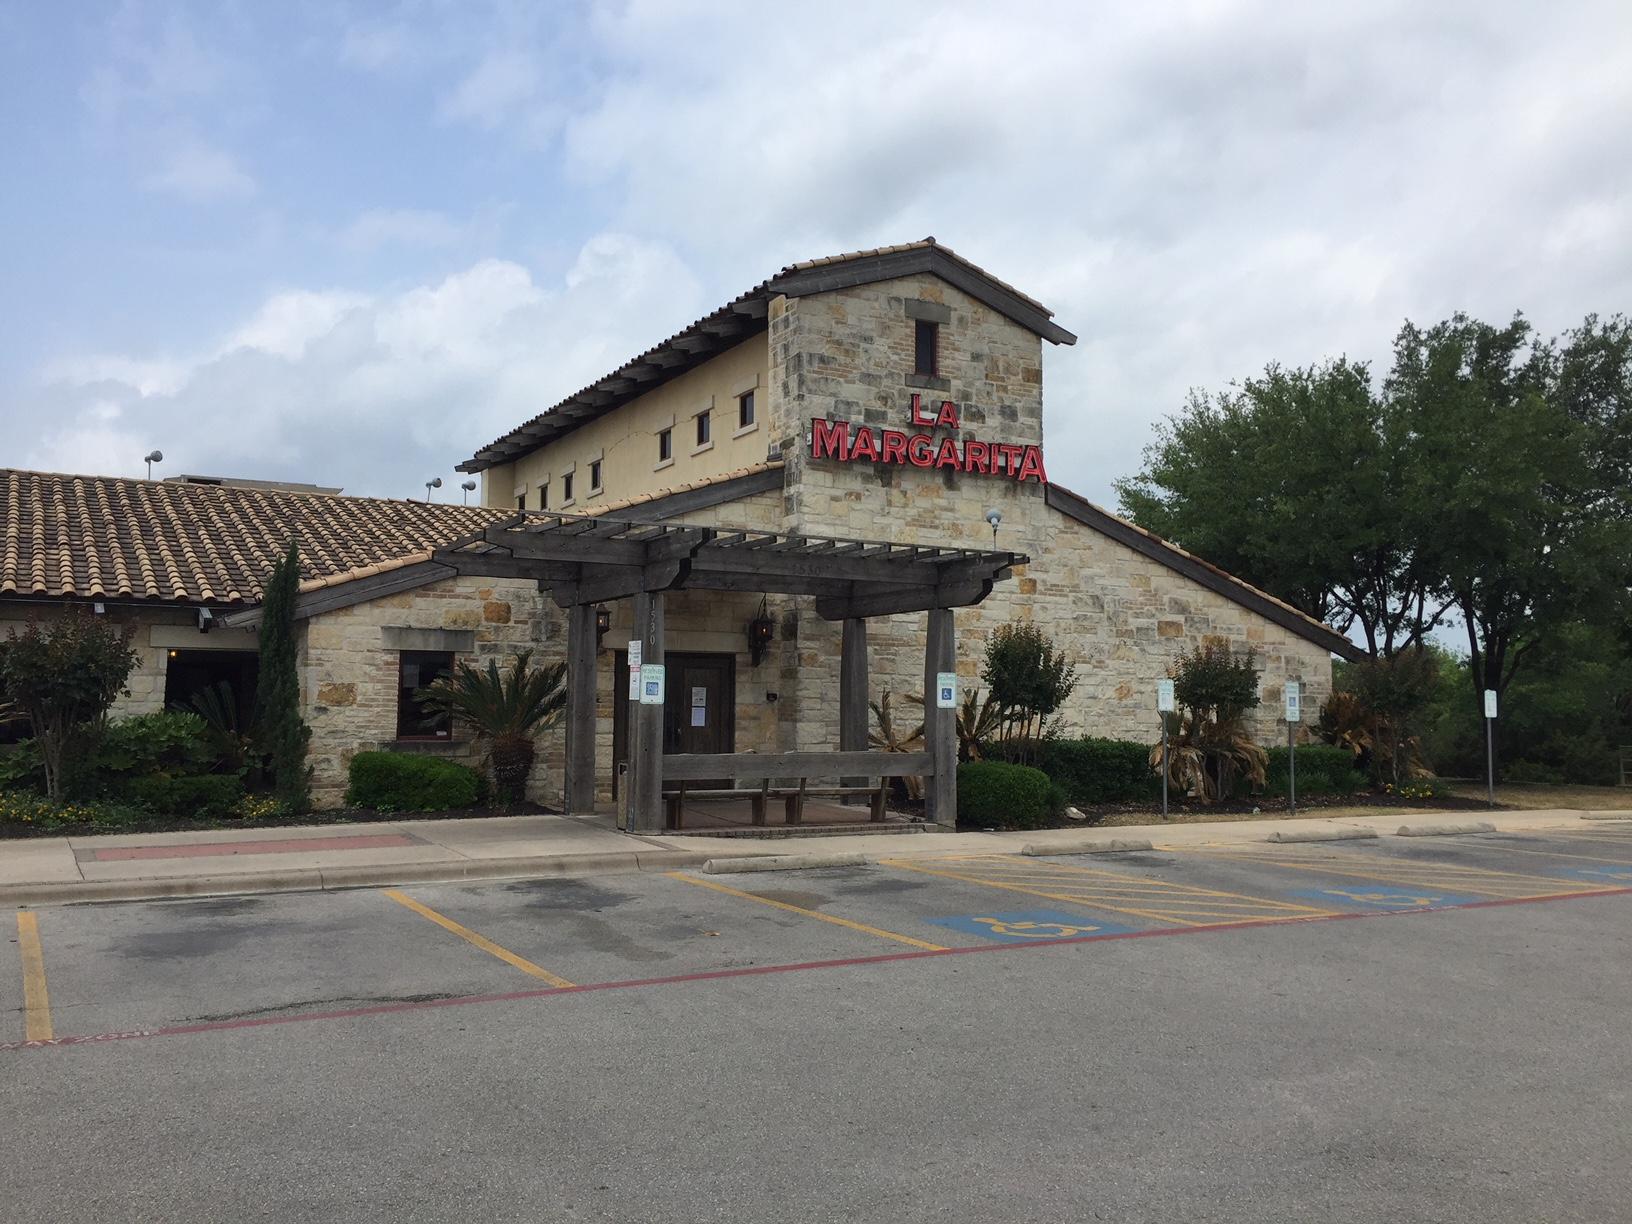 la margarita restaurant closed 2